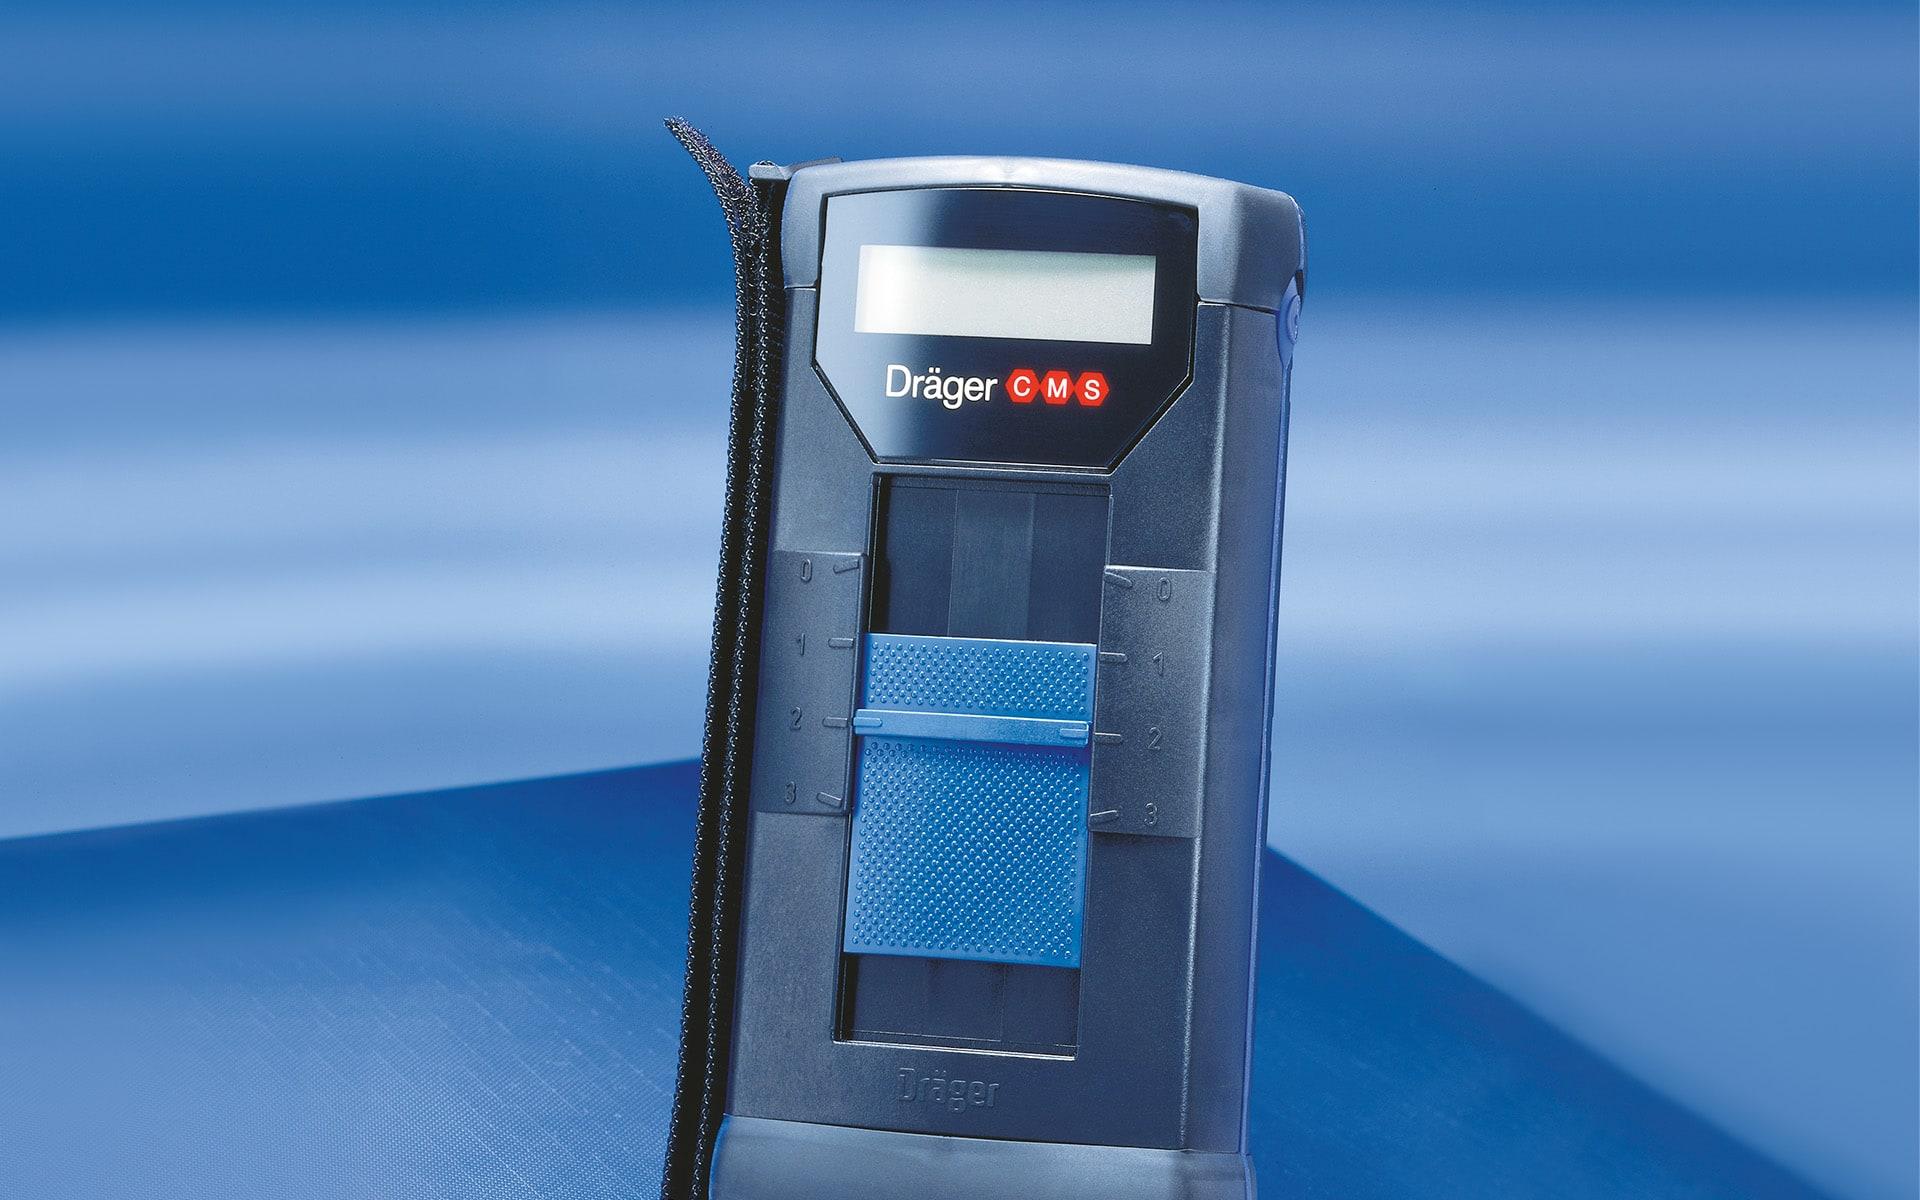 Dunkelblaues Gasmessgerät für Dräger Deutschland von ITO Design, 1994 entworfen